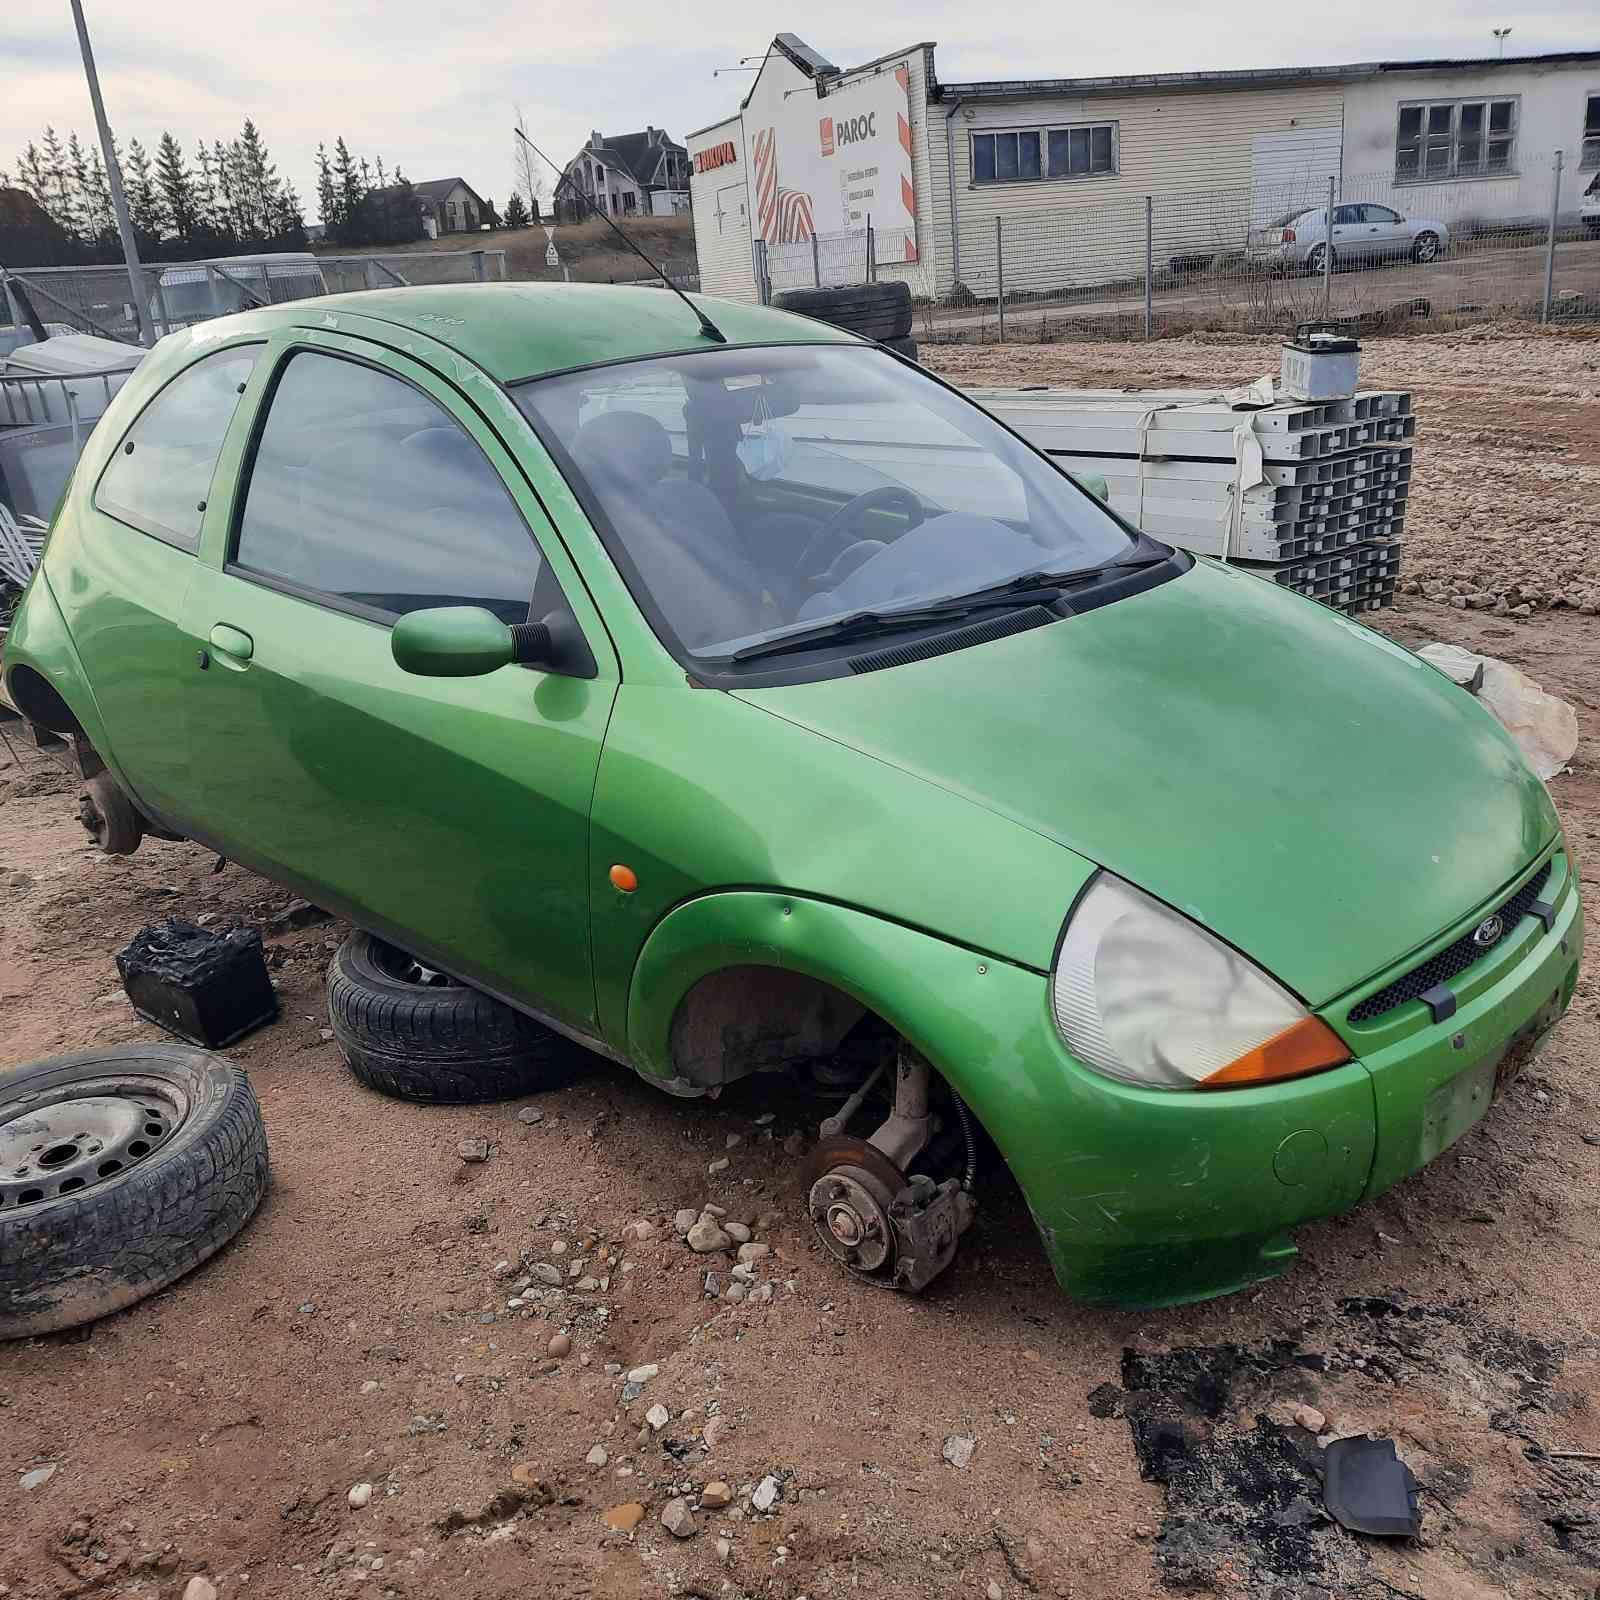 Подержанные Автозапчасти Ford KA 1996 1.3 машиностроение хэтчбэк 2/3 d. зеленый 2021-4-12